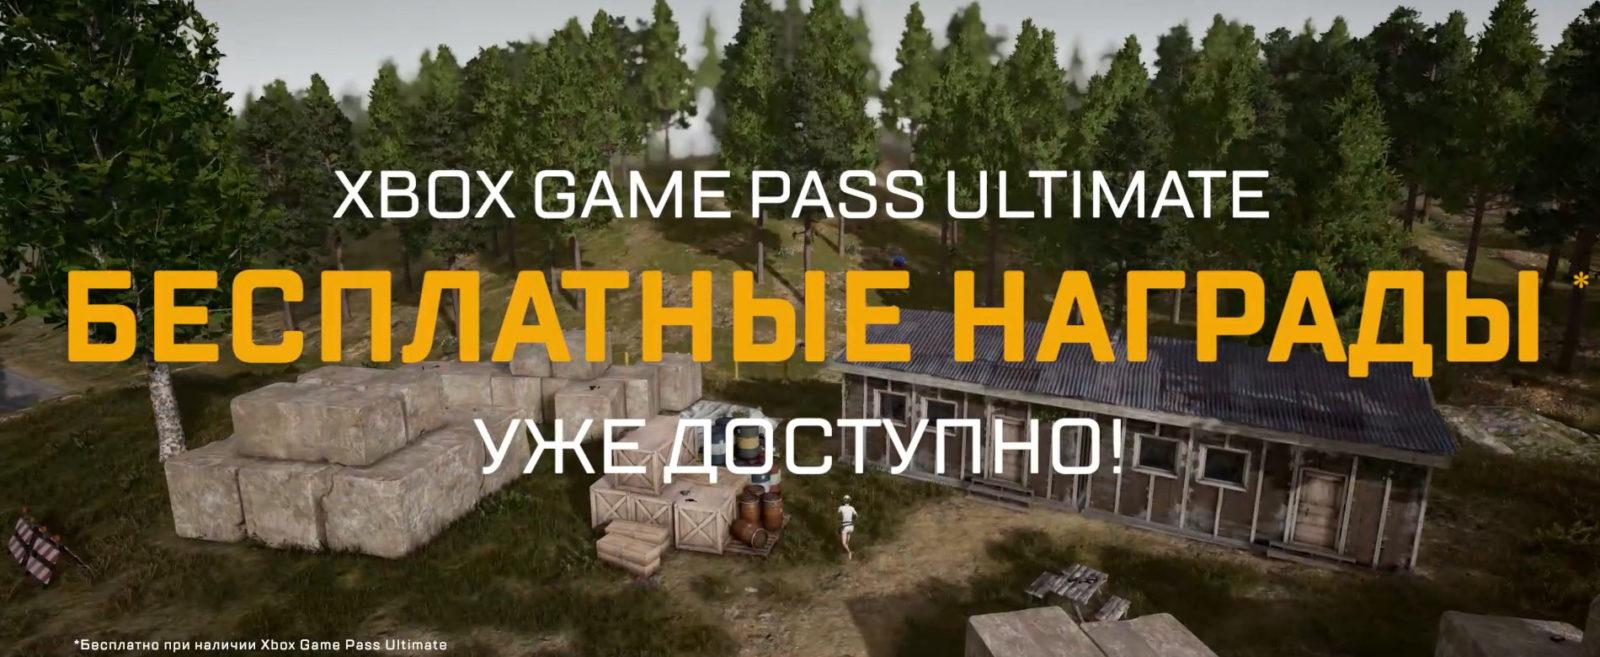 Бесплатные наборы для бойцов на Xbox для обладателей подписки